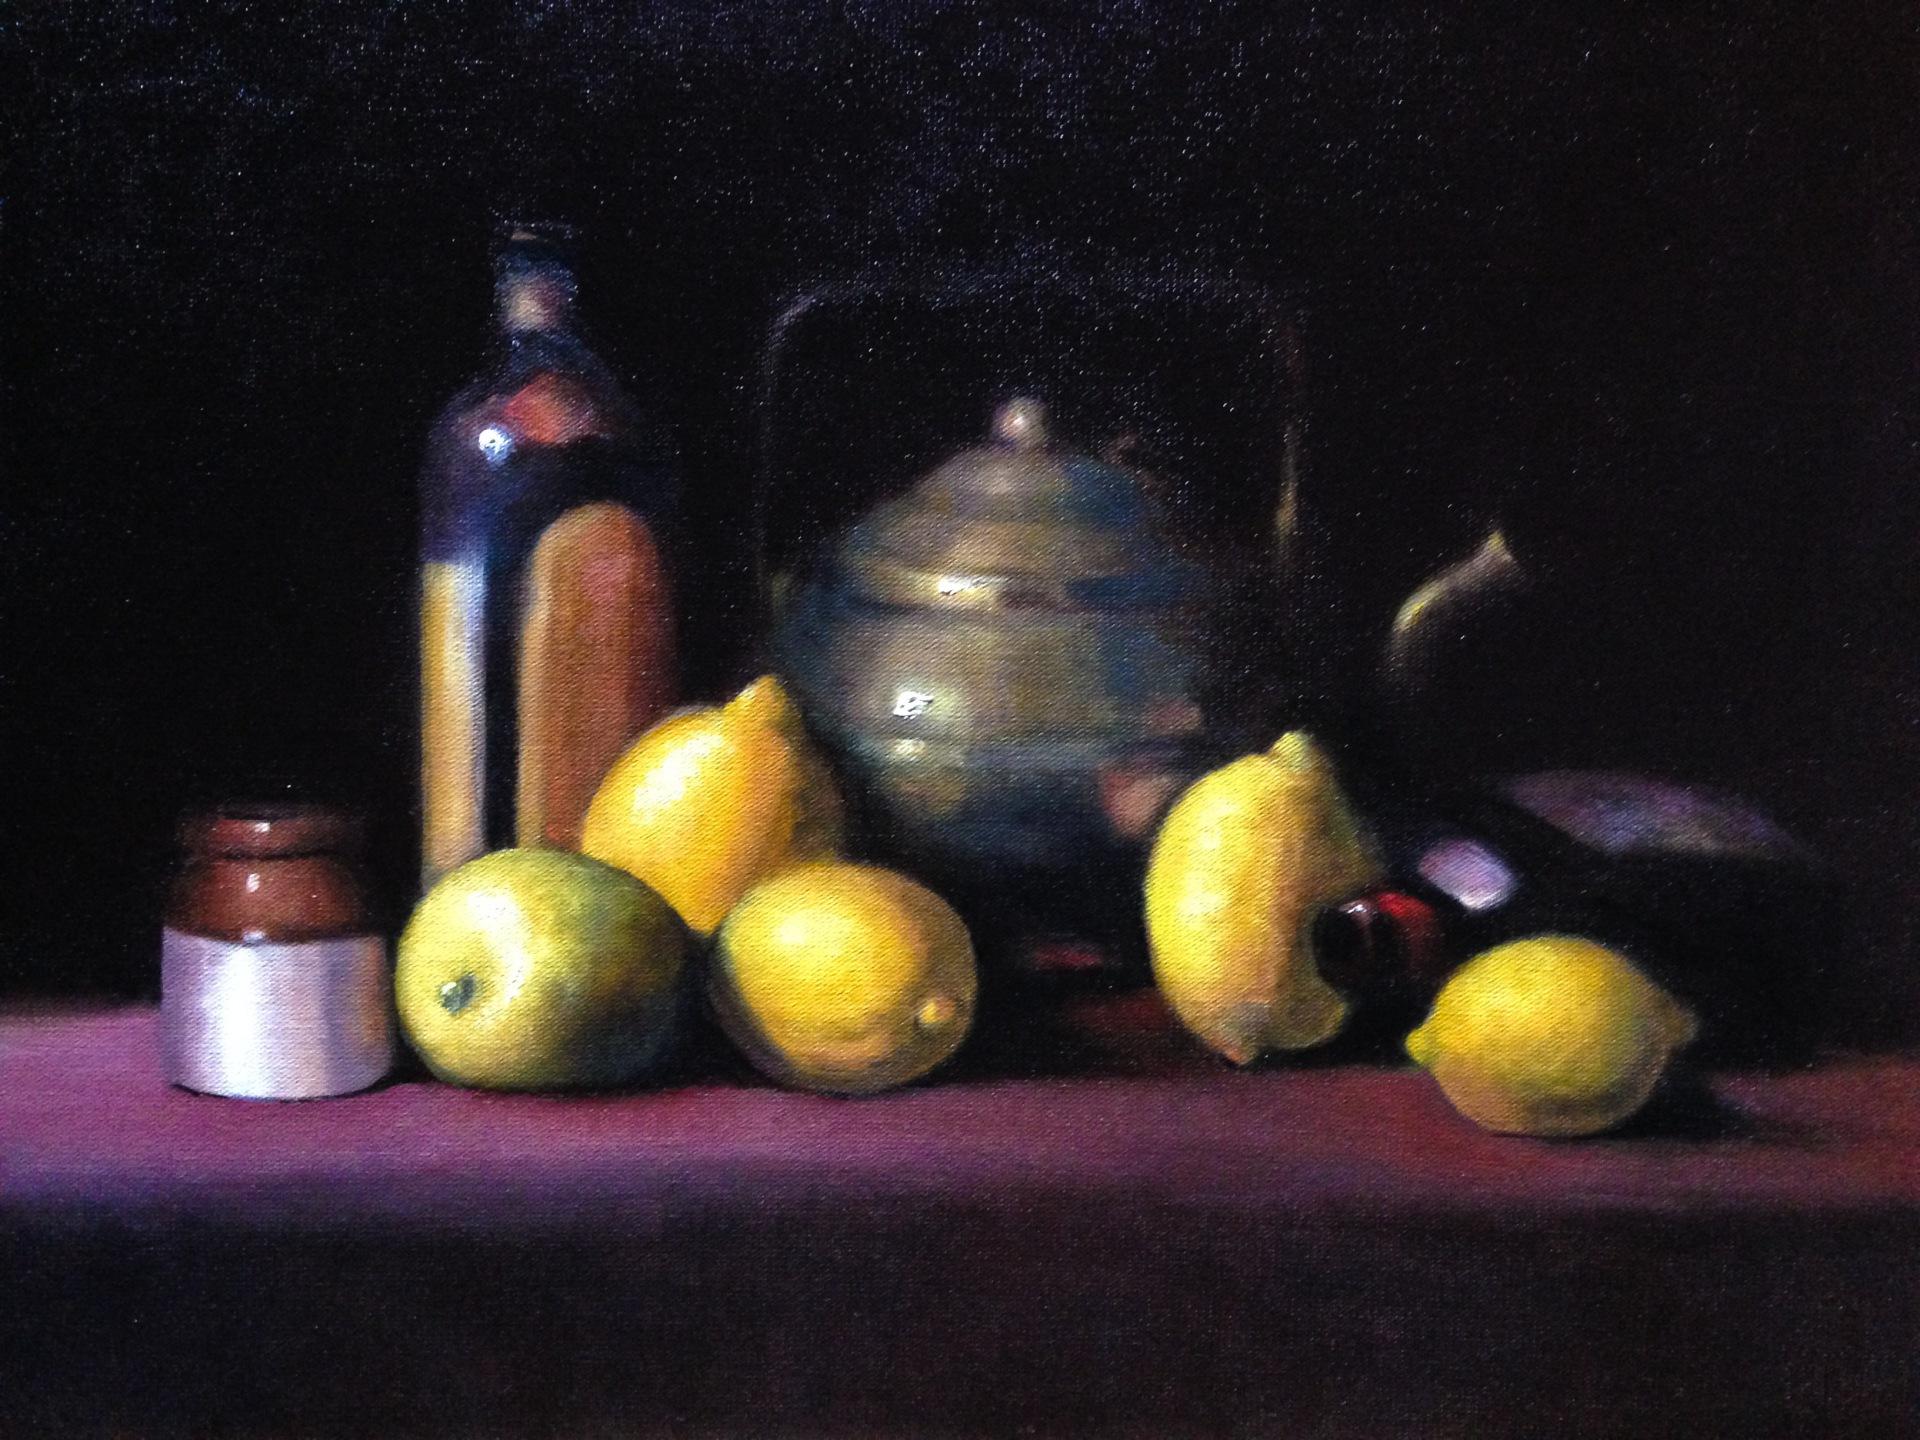 Lemons and bottles